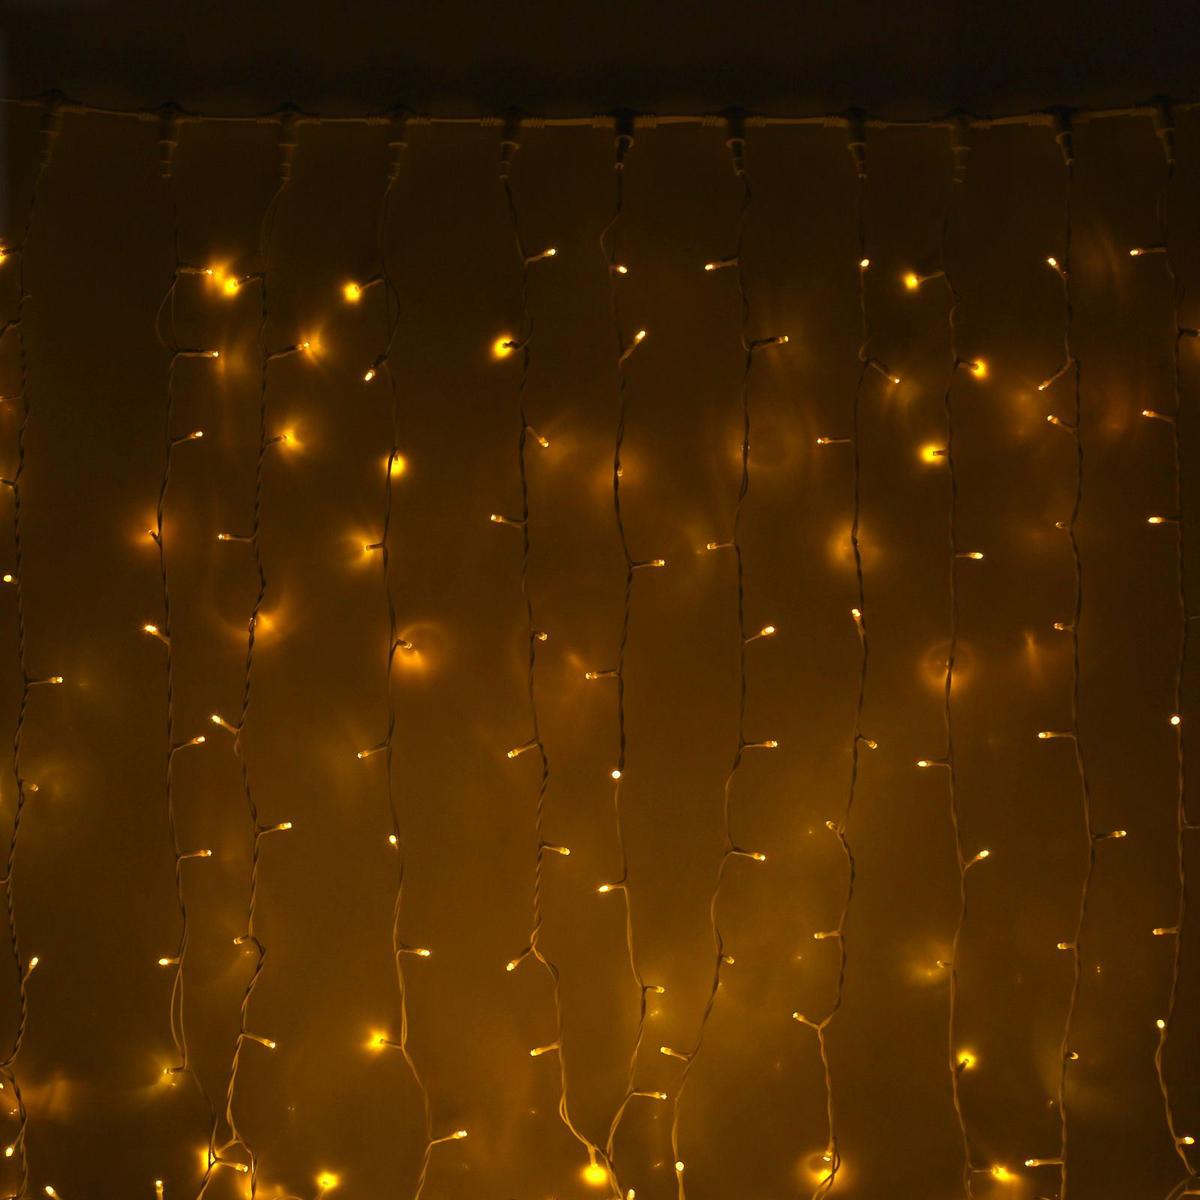 Гирлянда светодиодная Luazon Занавес, цвет: желтый, уличная, 760 ламп, 220 V, 2 х 3 м. 10802141080214Светодиодные гирлянды и ленты — это отличный вариант для новогоднего оформления интерьера или фасада. С их помощью помещение любого размера можно превратить в праздничный зал, а внешние элементы зданий, украшенные ими, мгновенно станут напоминать очертания сказочного дворца. Такие украшения создают ауру предвкушения чуда. Деревья, фасады, витрины, окна и арки будто специально созданы, чтобы вы украсили их светящимися нитями.